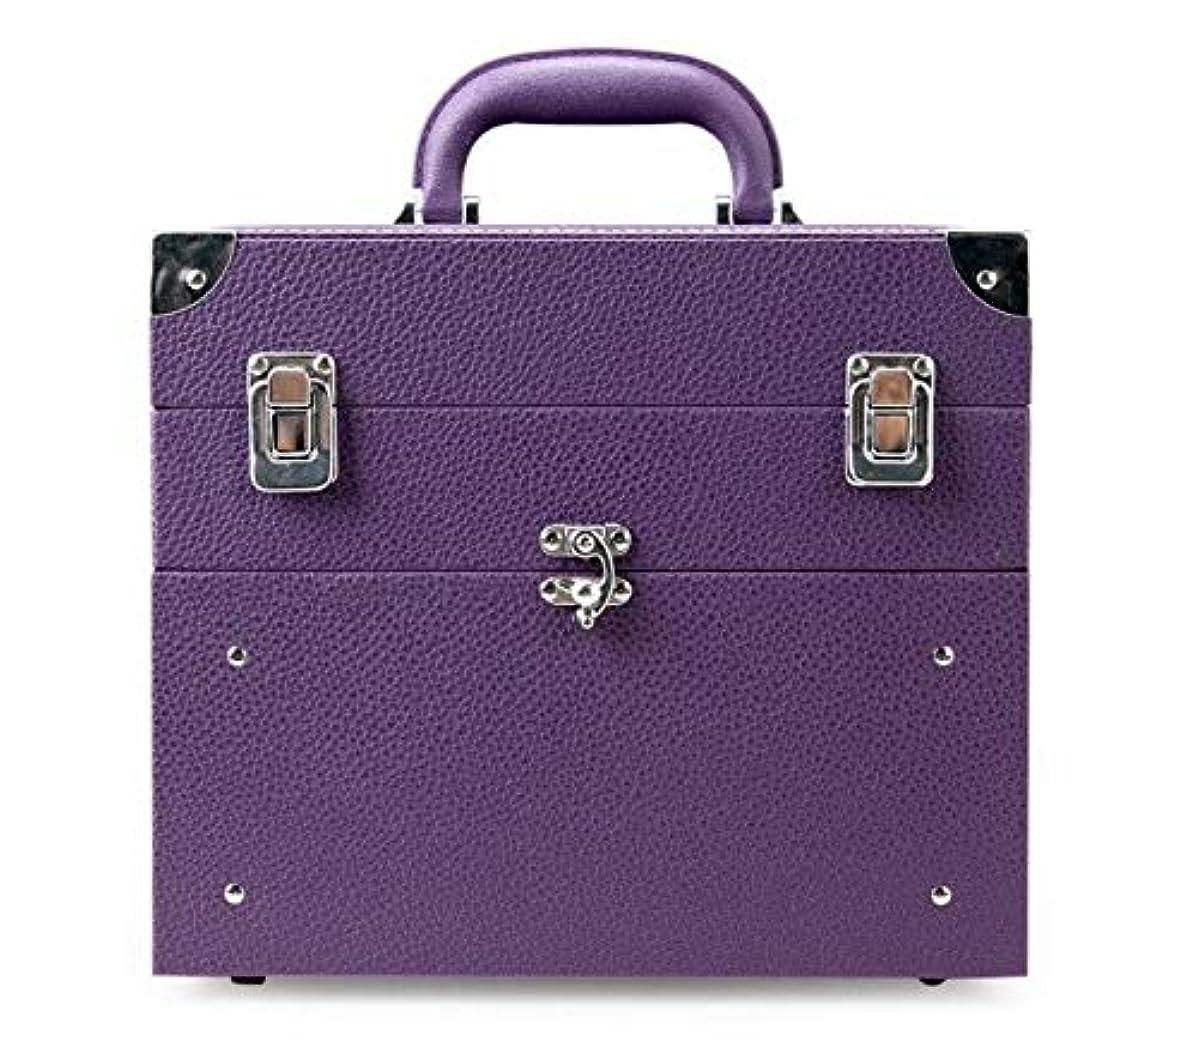 アナリストプラットフォーム意味のある化粧箱、大容量の二重層の携帯用化粧品の箱、携帯用旅行化粧品袋の収納袋、美の構造の釘の宝石類の収納箱 (Color : Purple)